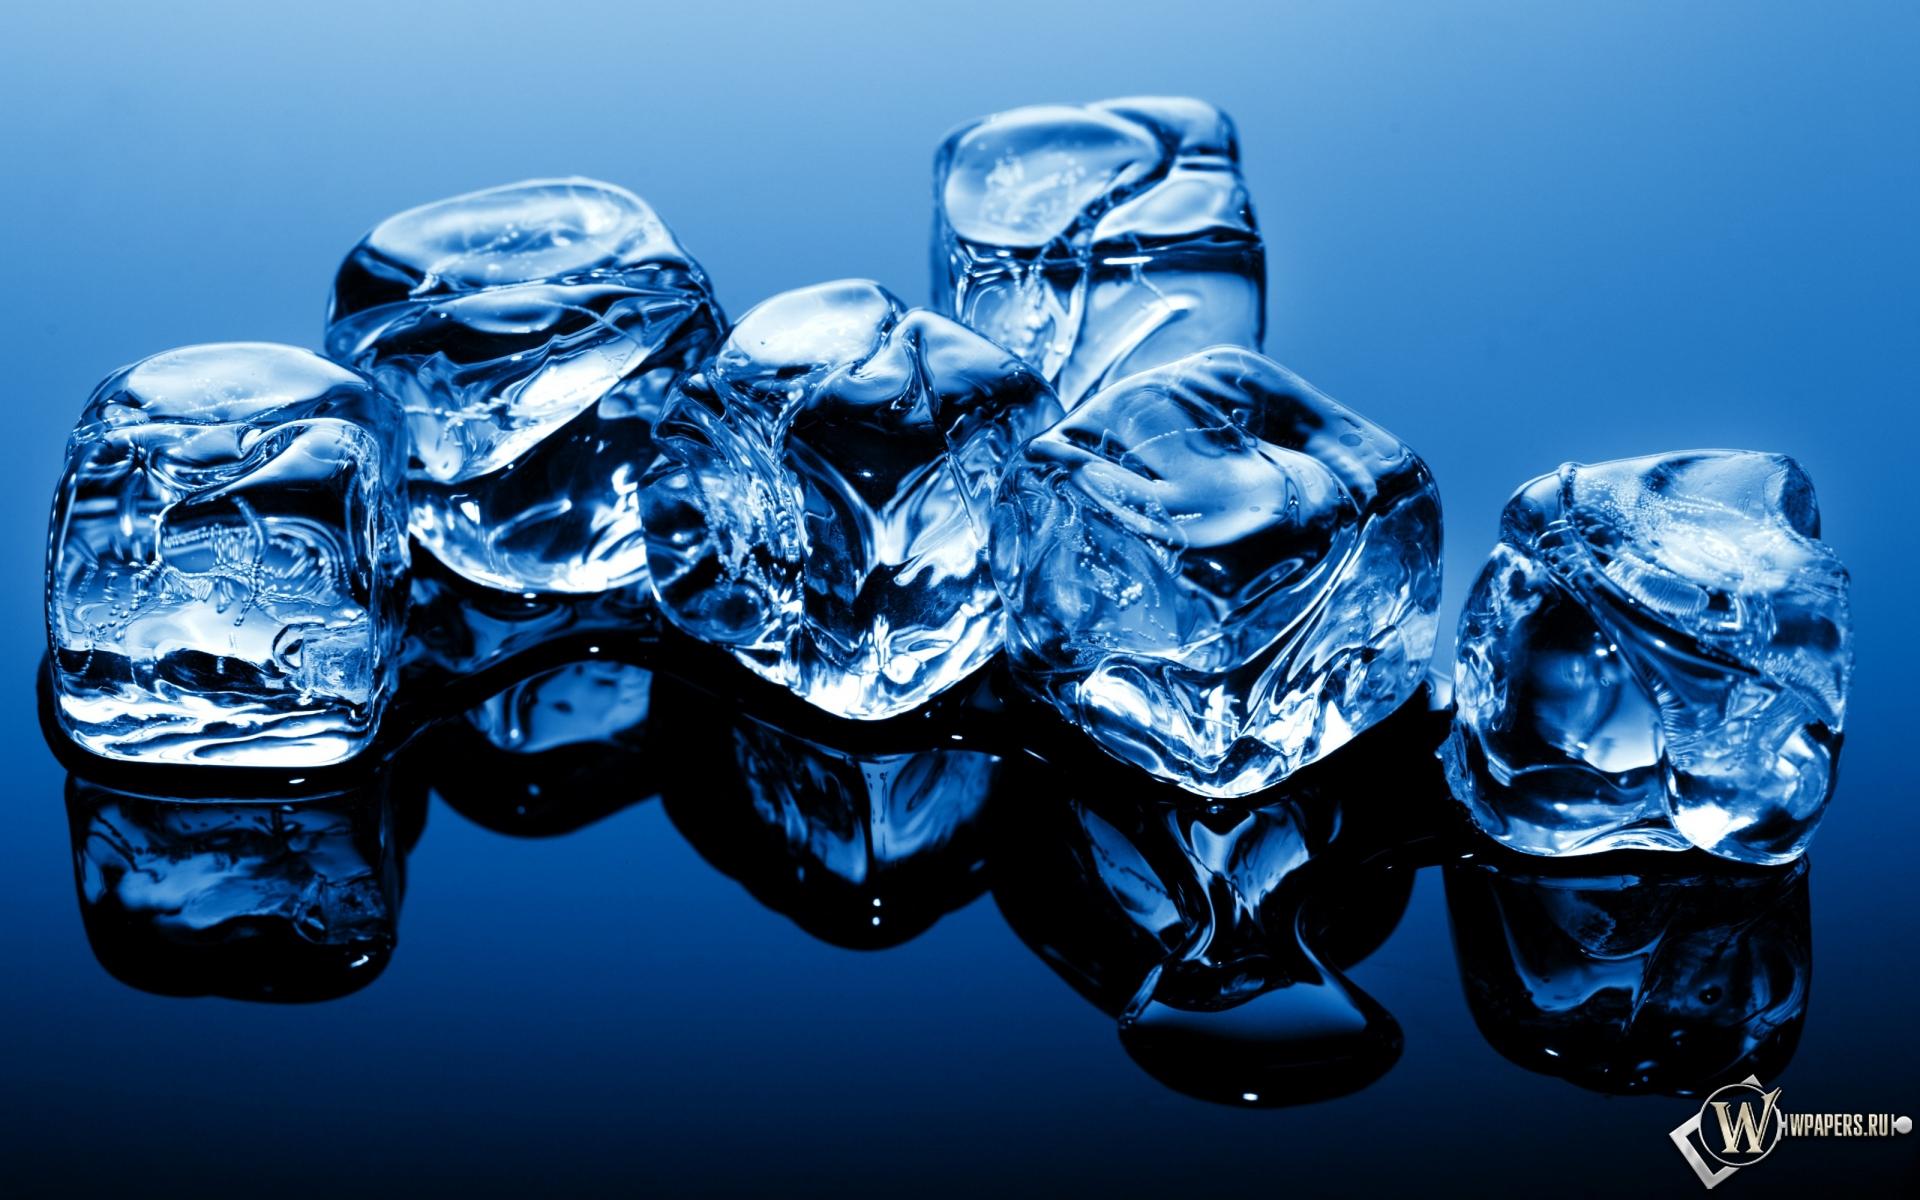 Кубики льда 1920x1200